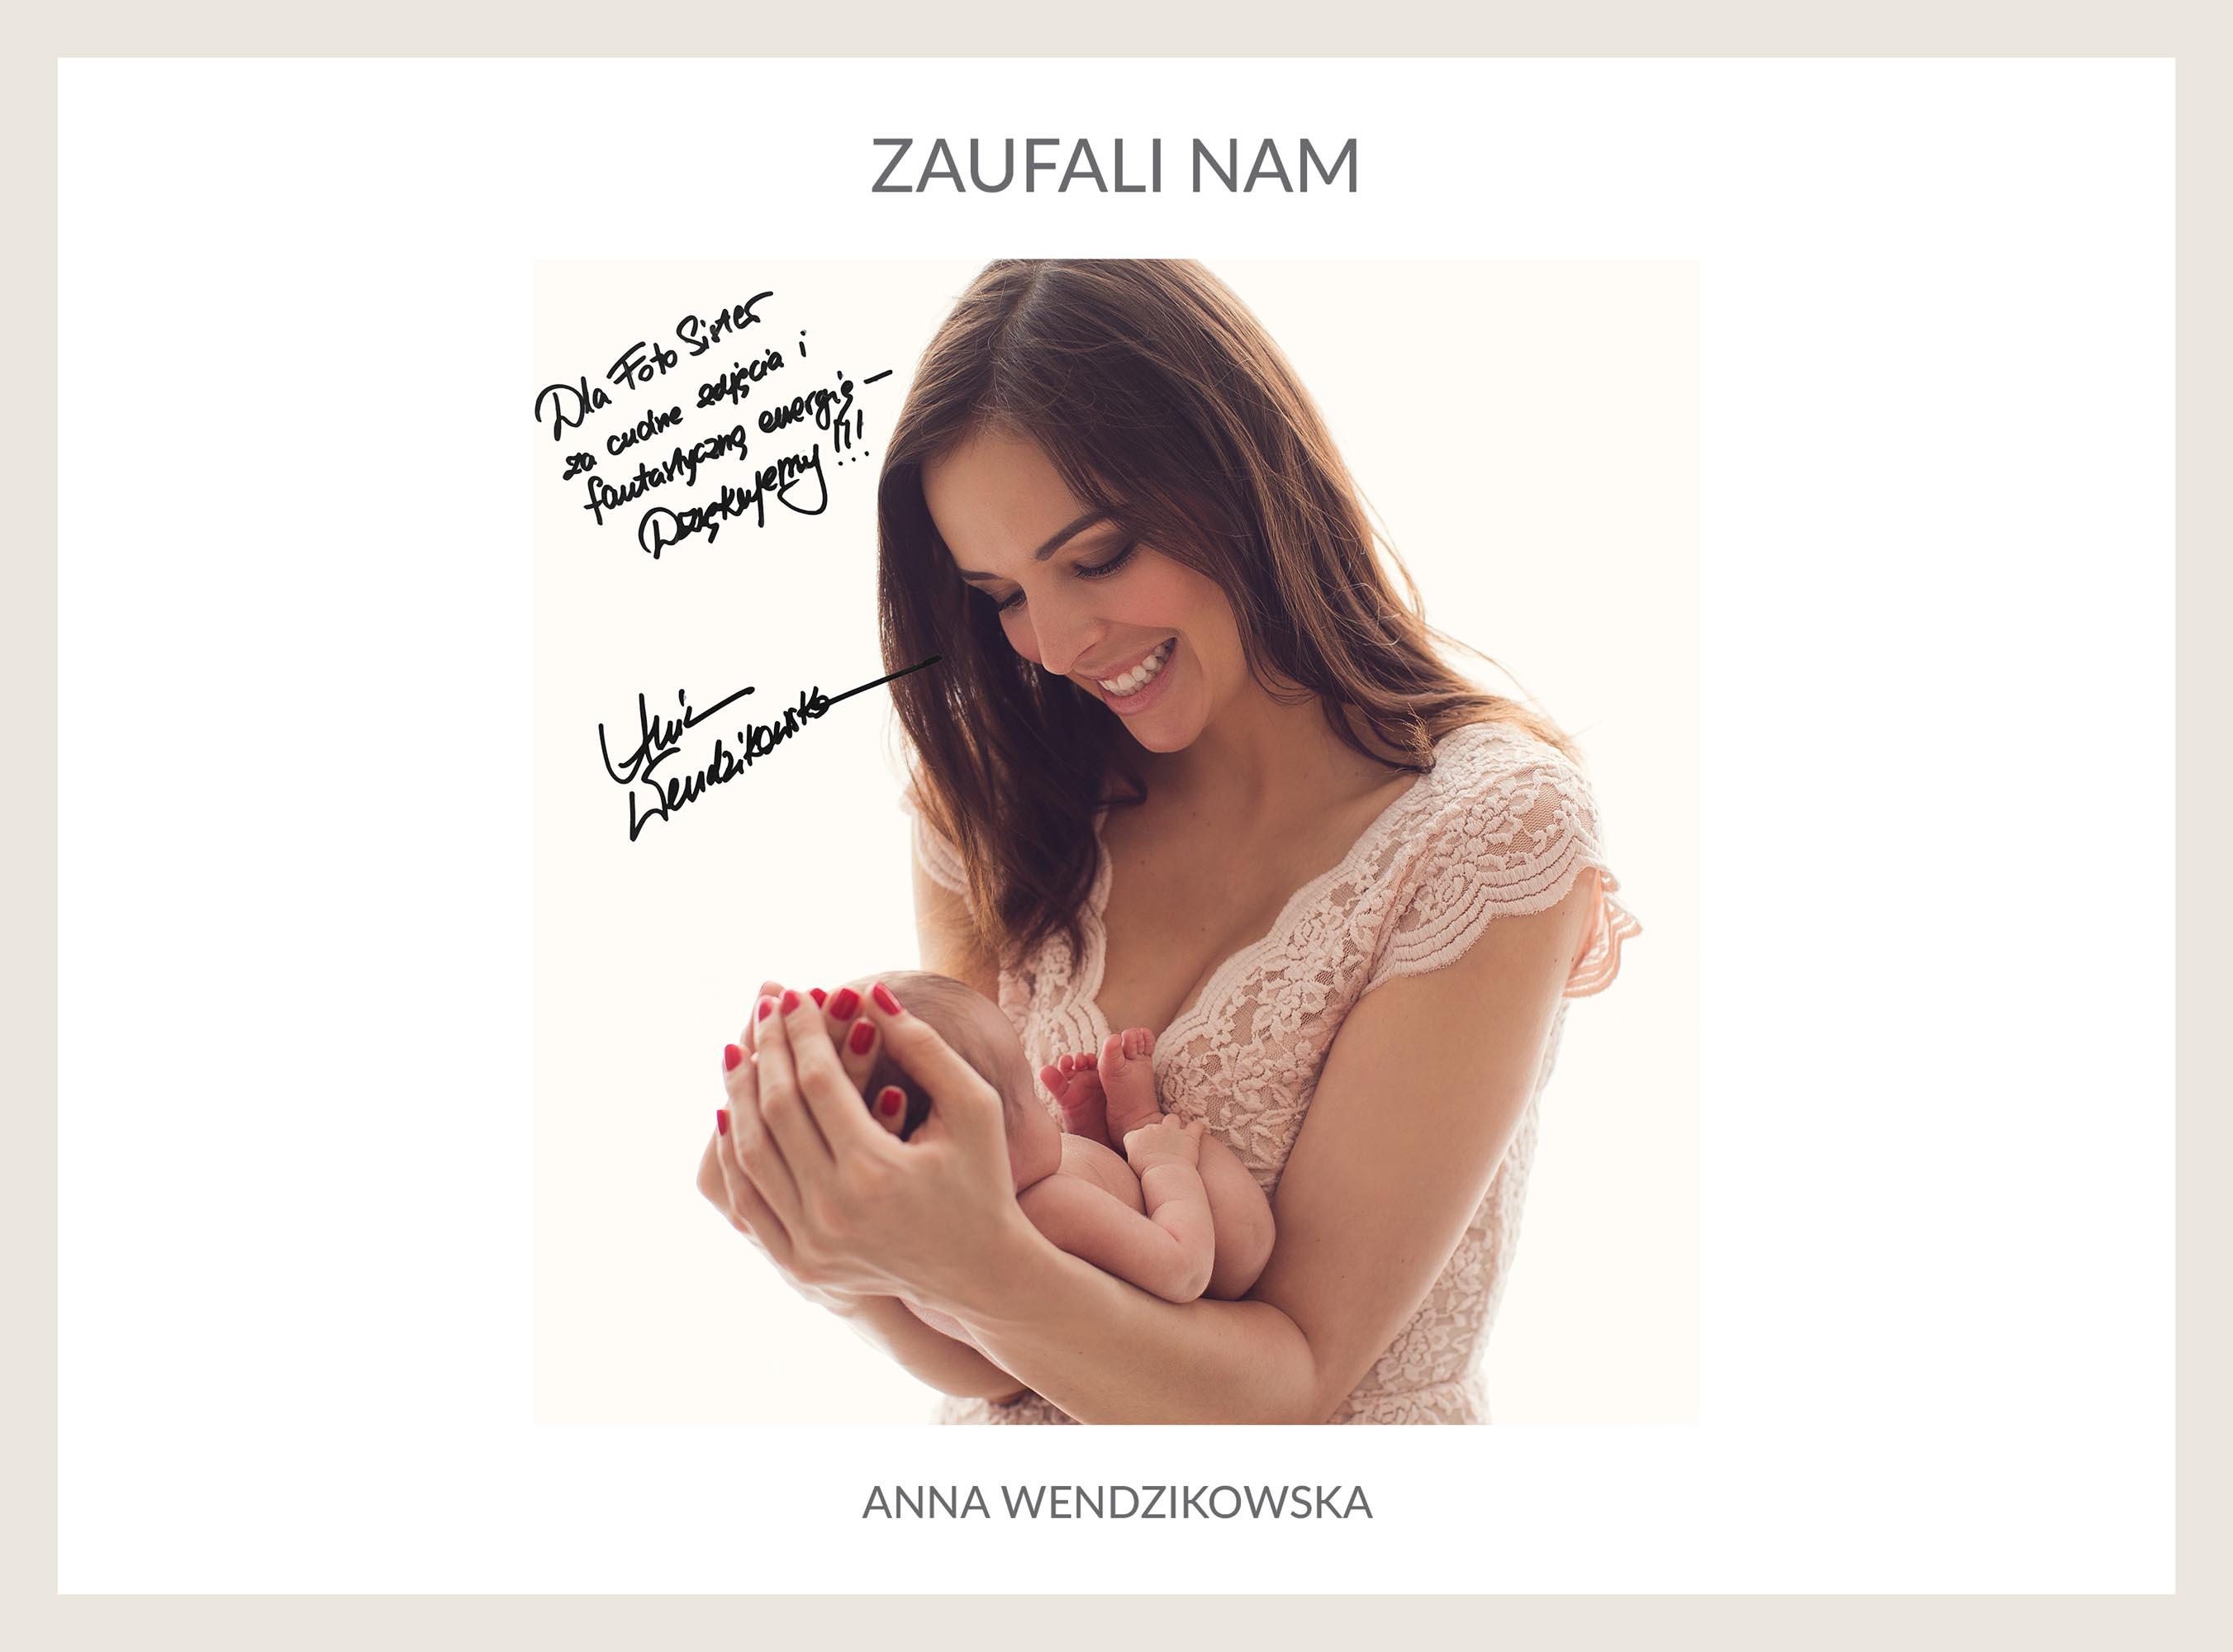 anna wendzikowska sesja fotograficzna